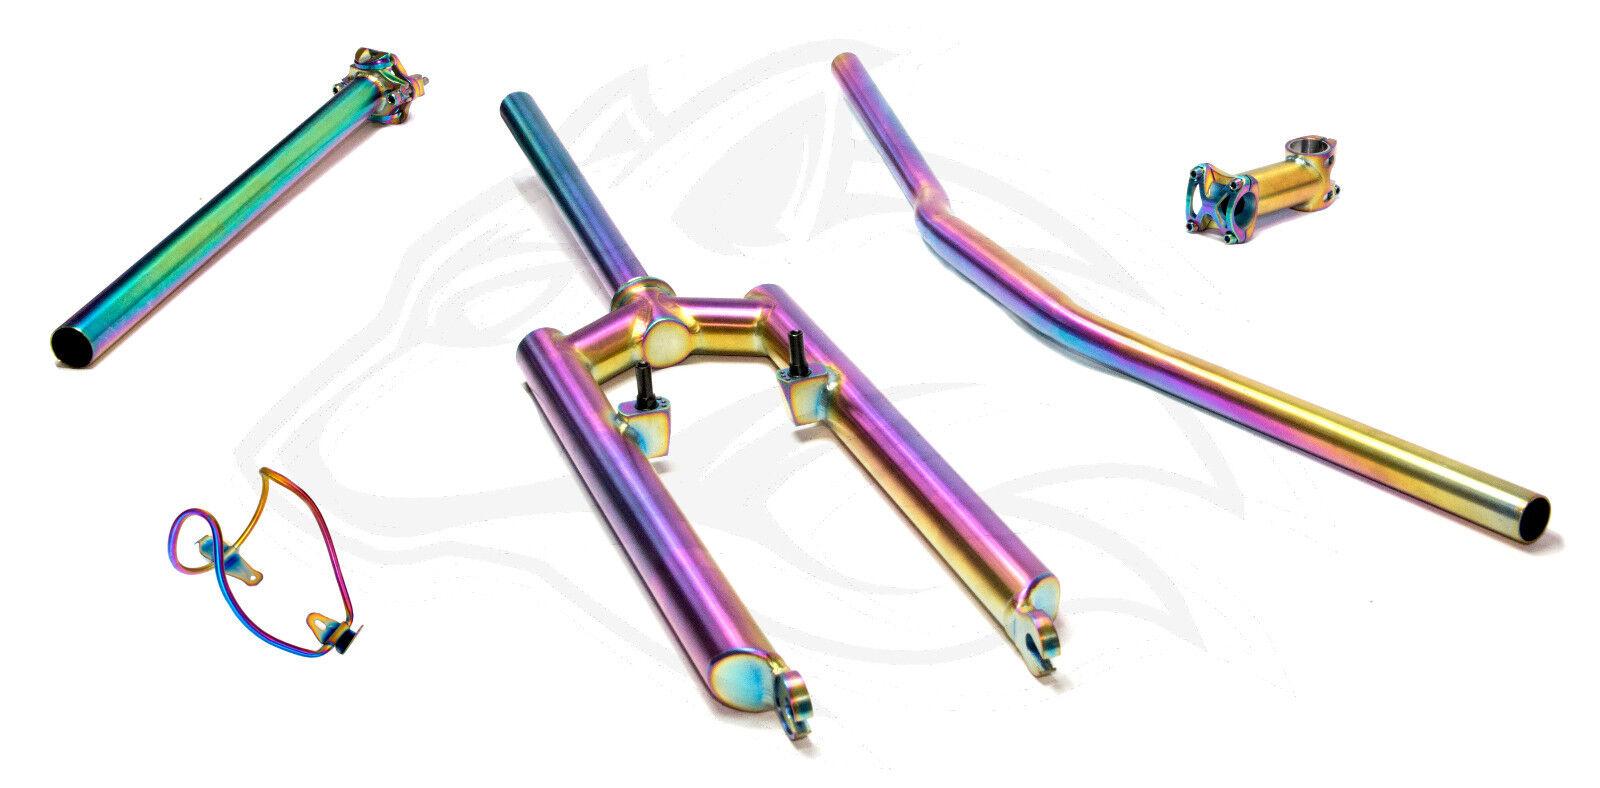 Titangruppe Titangabel Titan Gabel Lenker Vorbau bunt rainbow yo yo yo eddy retro klei 4d22cb